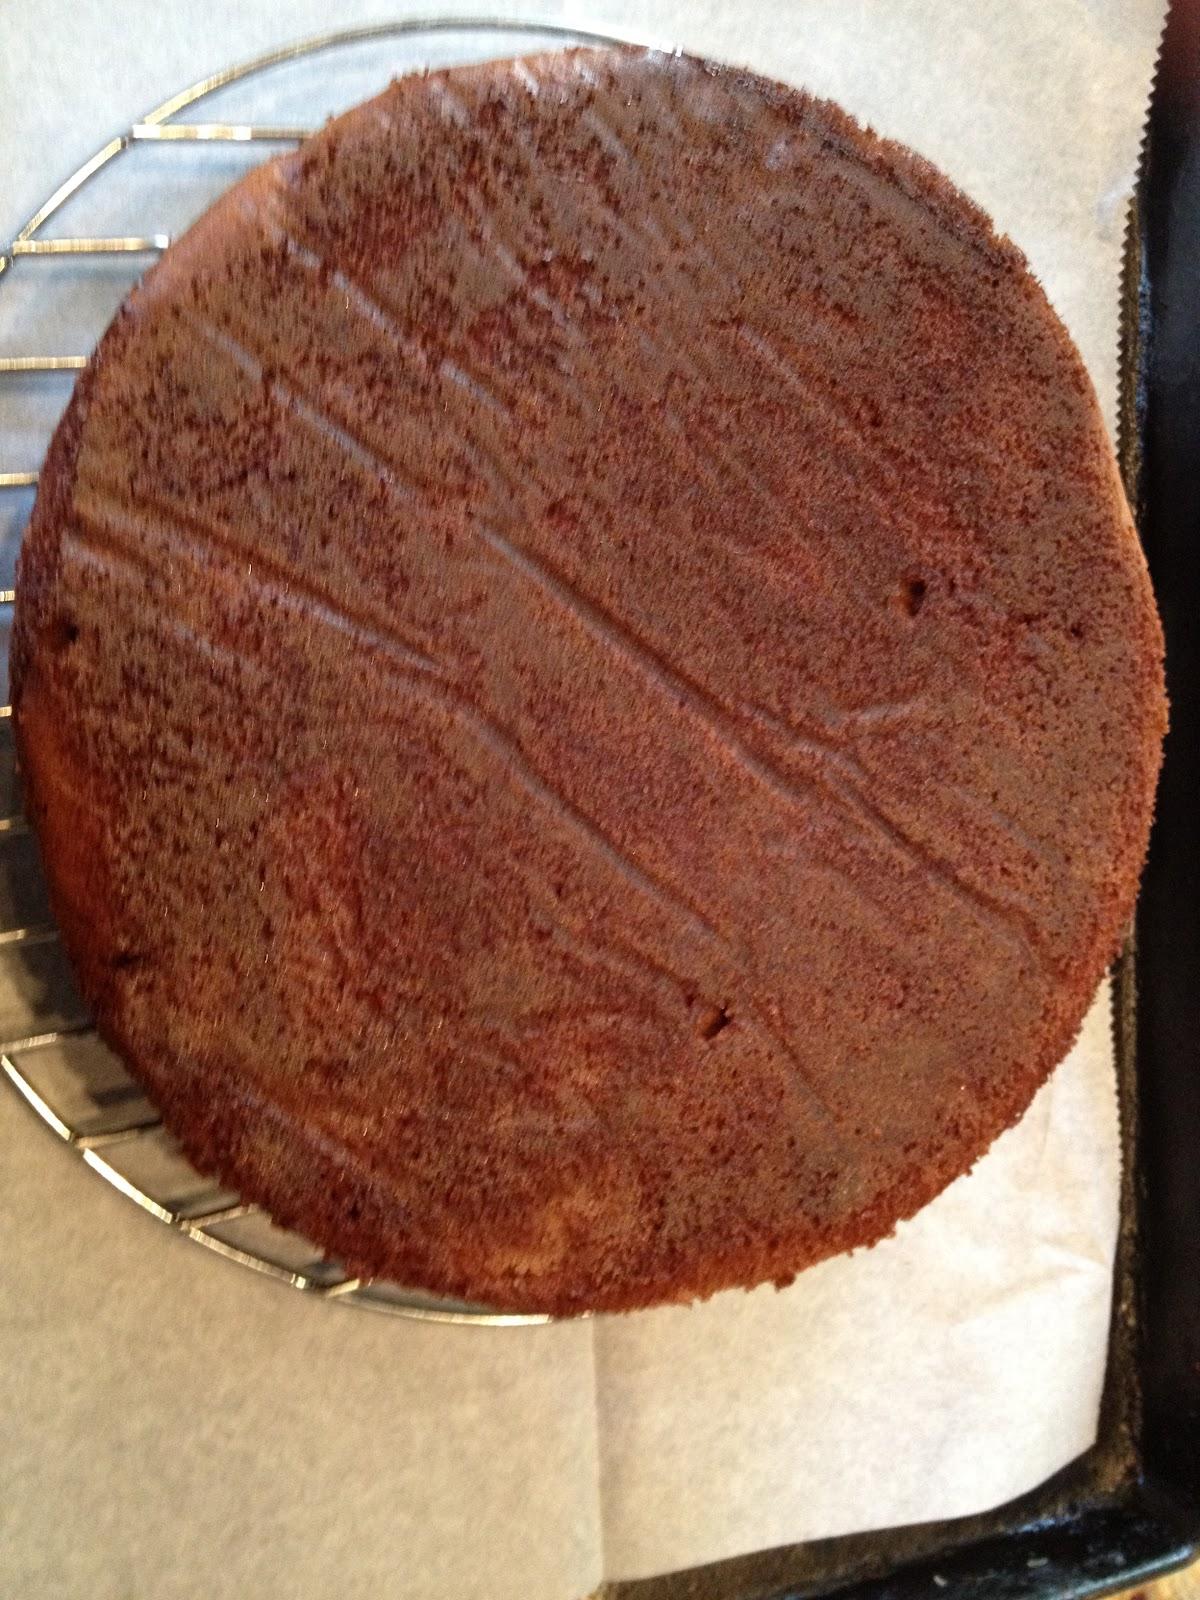 Barefoot Contessa Flourless Chocolate Cake Recipe - Close To Home